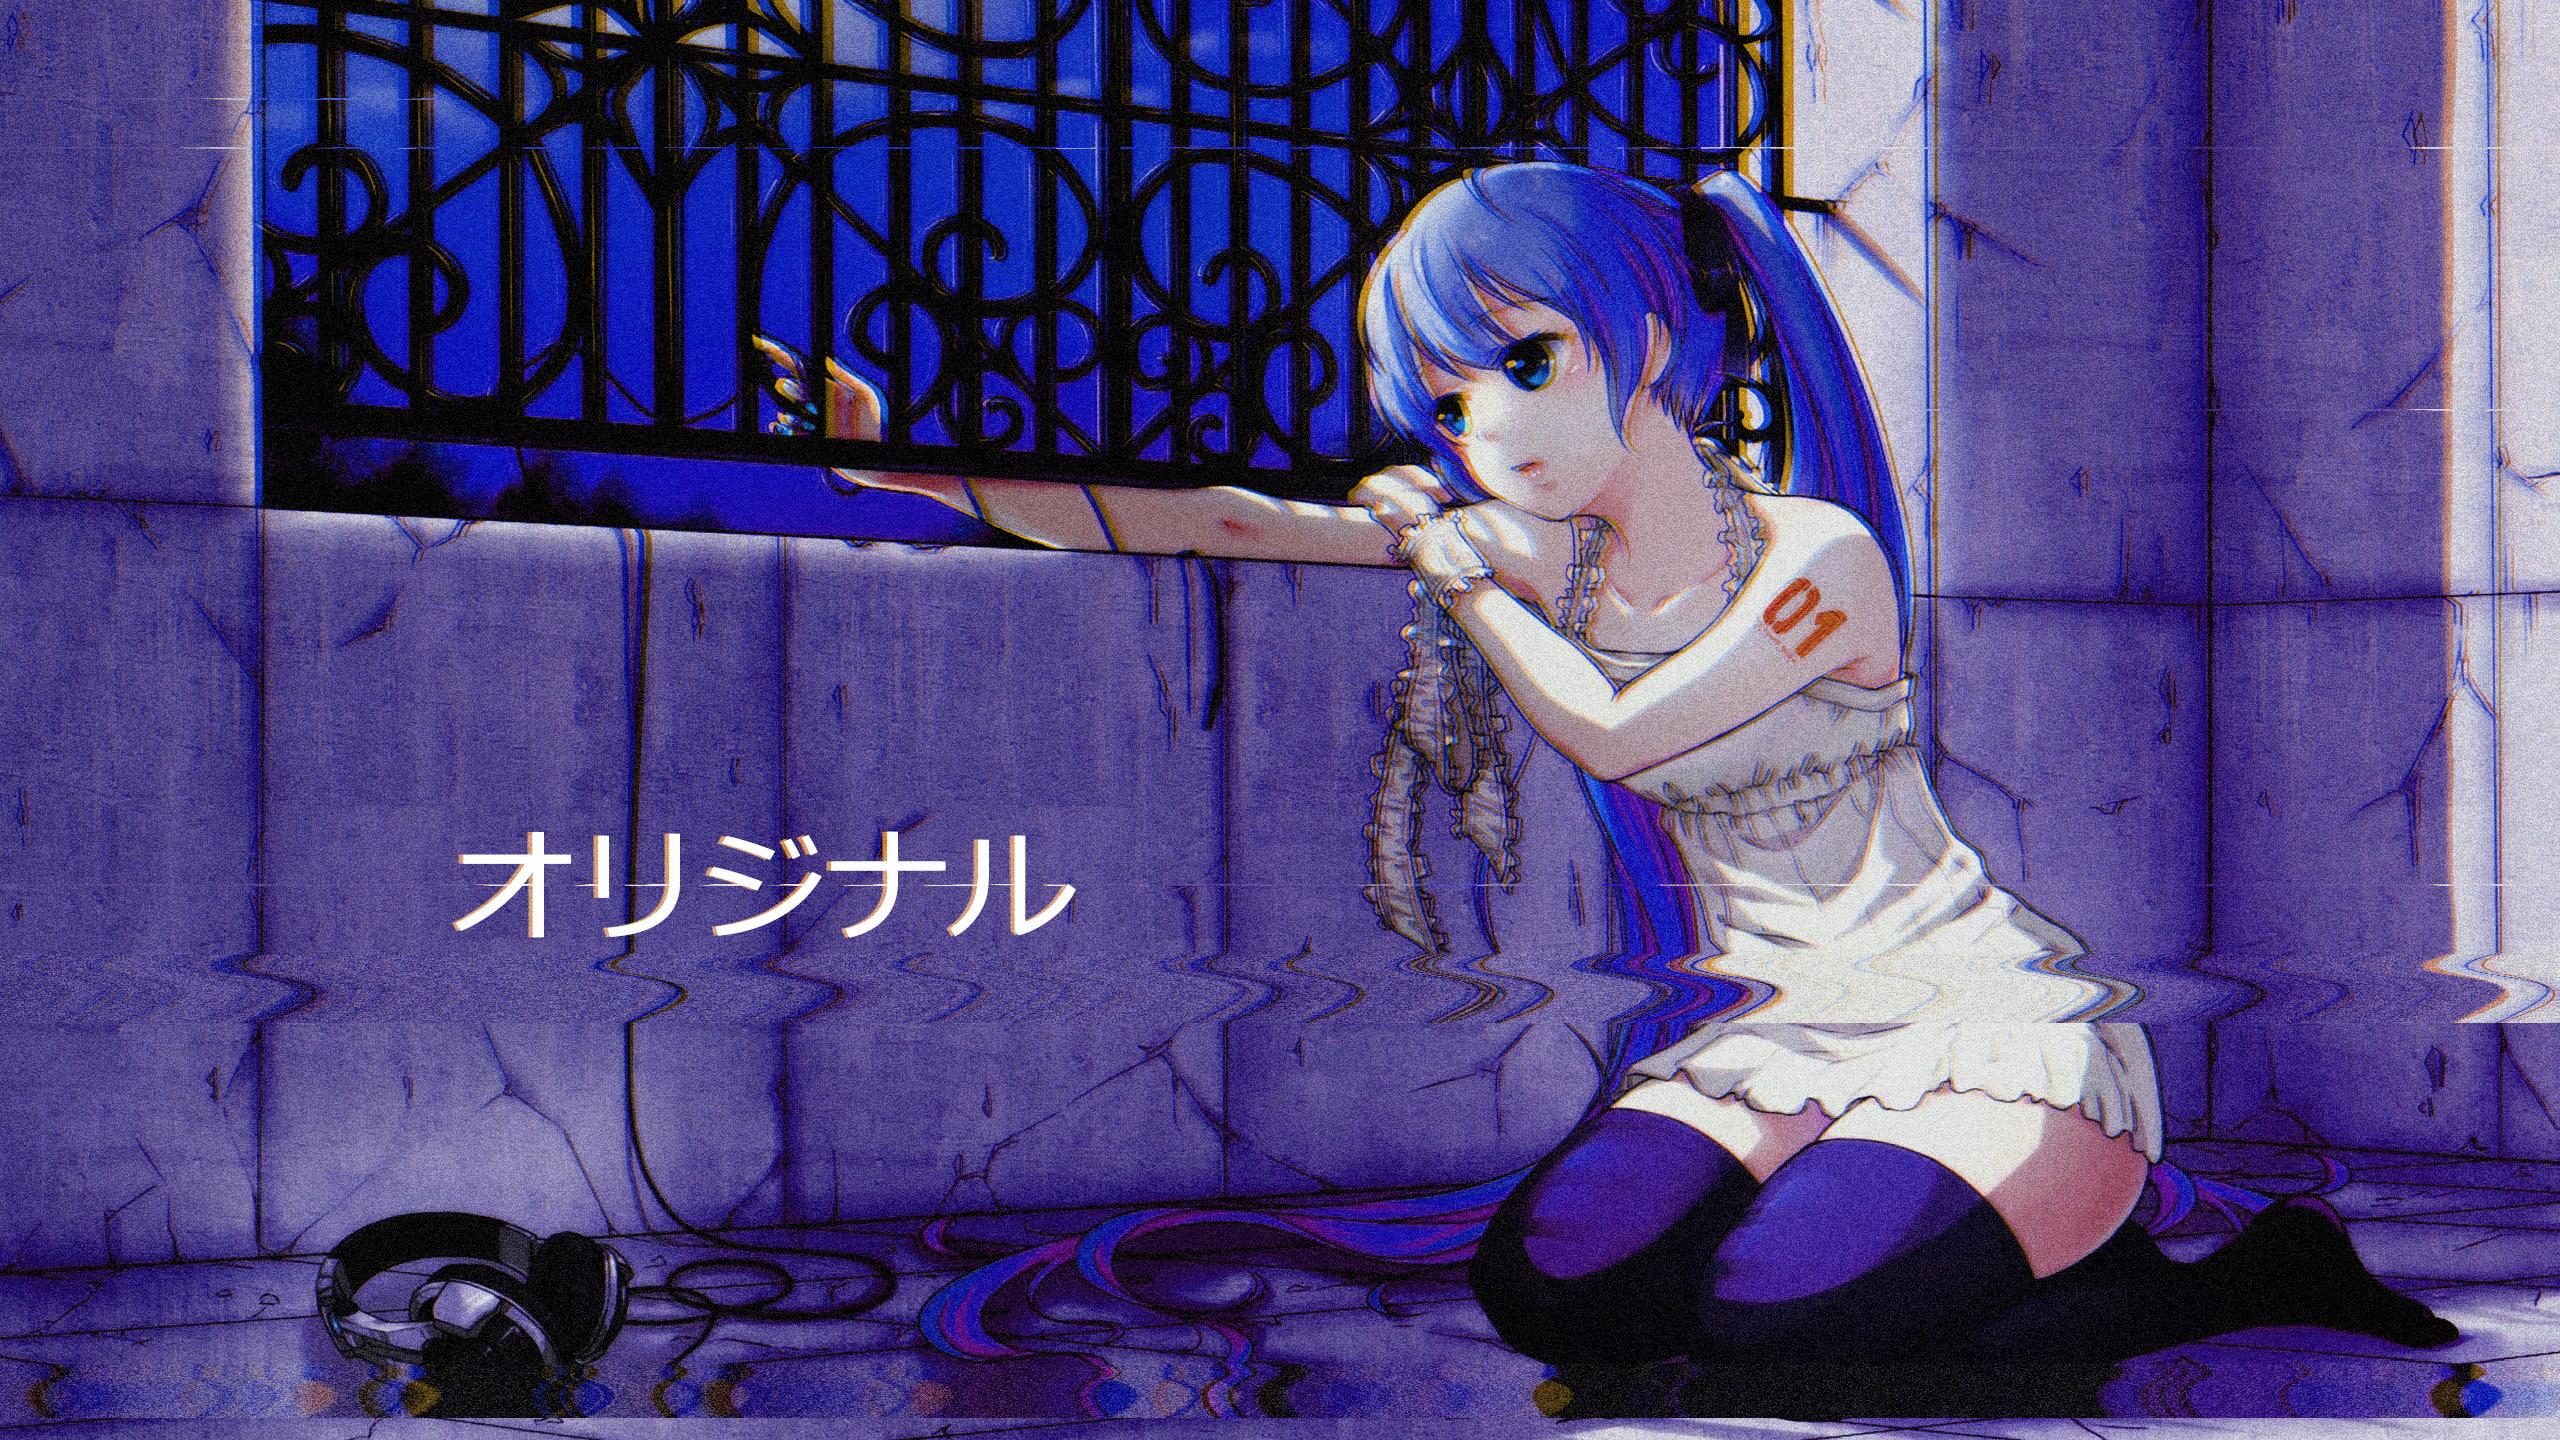 Anime Girl Vaporwave 4k Wallpapers Wallpaper Cave